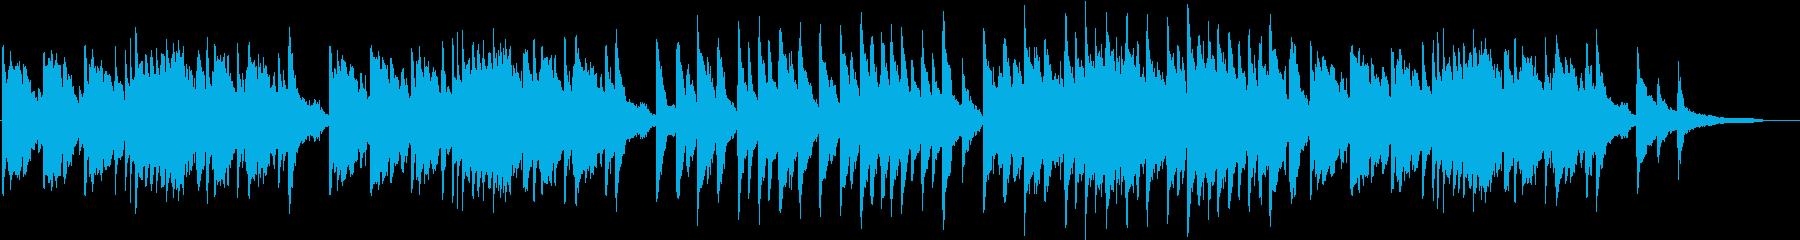 美しく切ないロマンチックなオーケストラの再生済みの波形